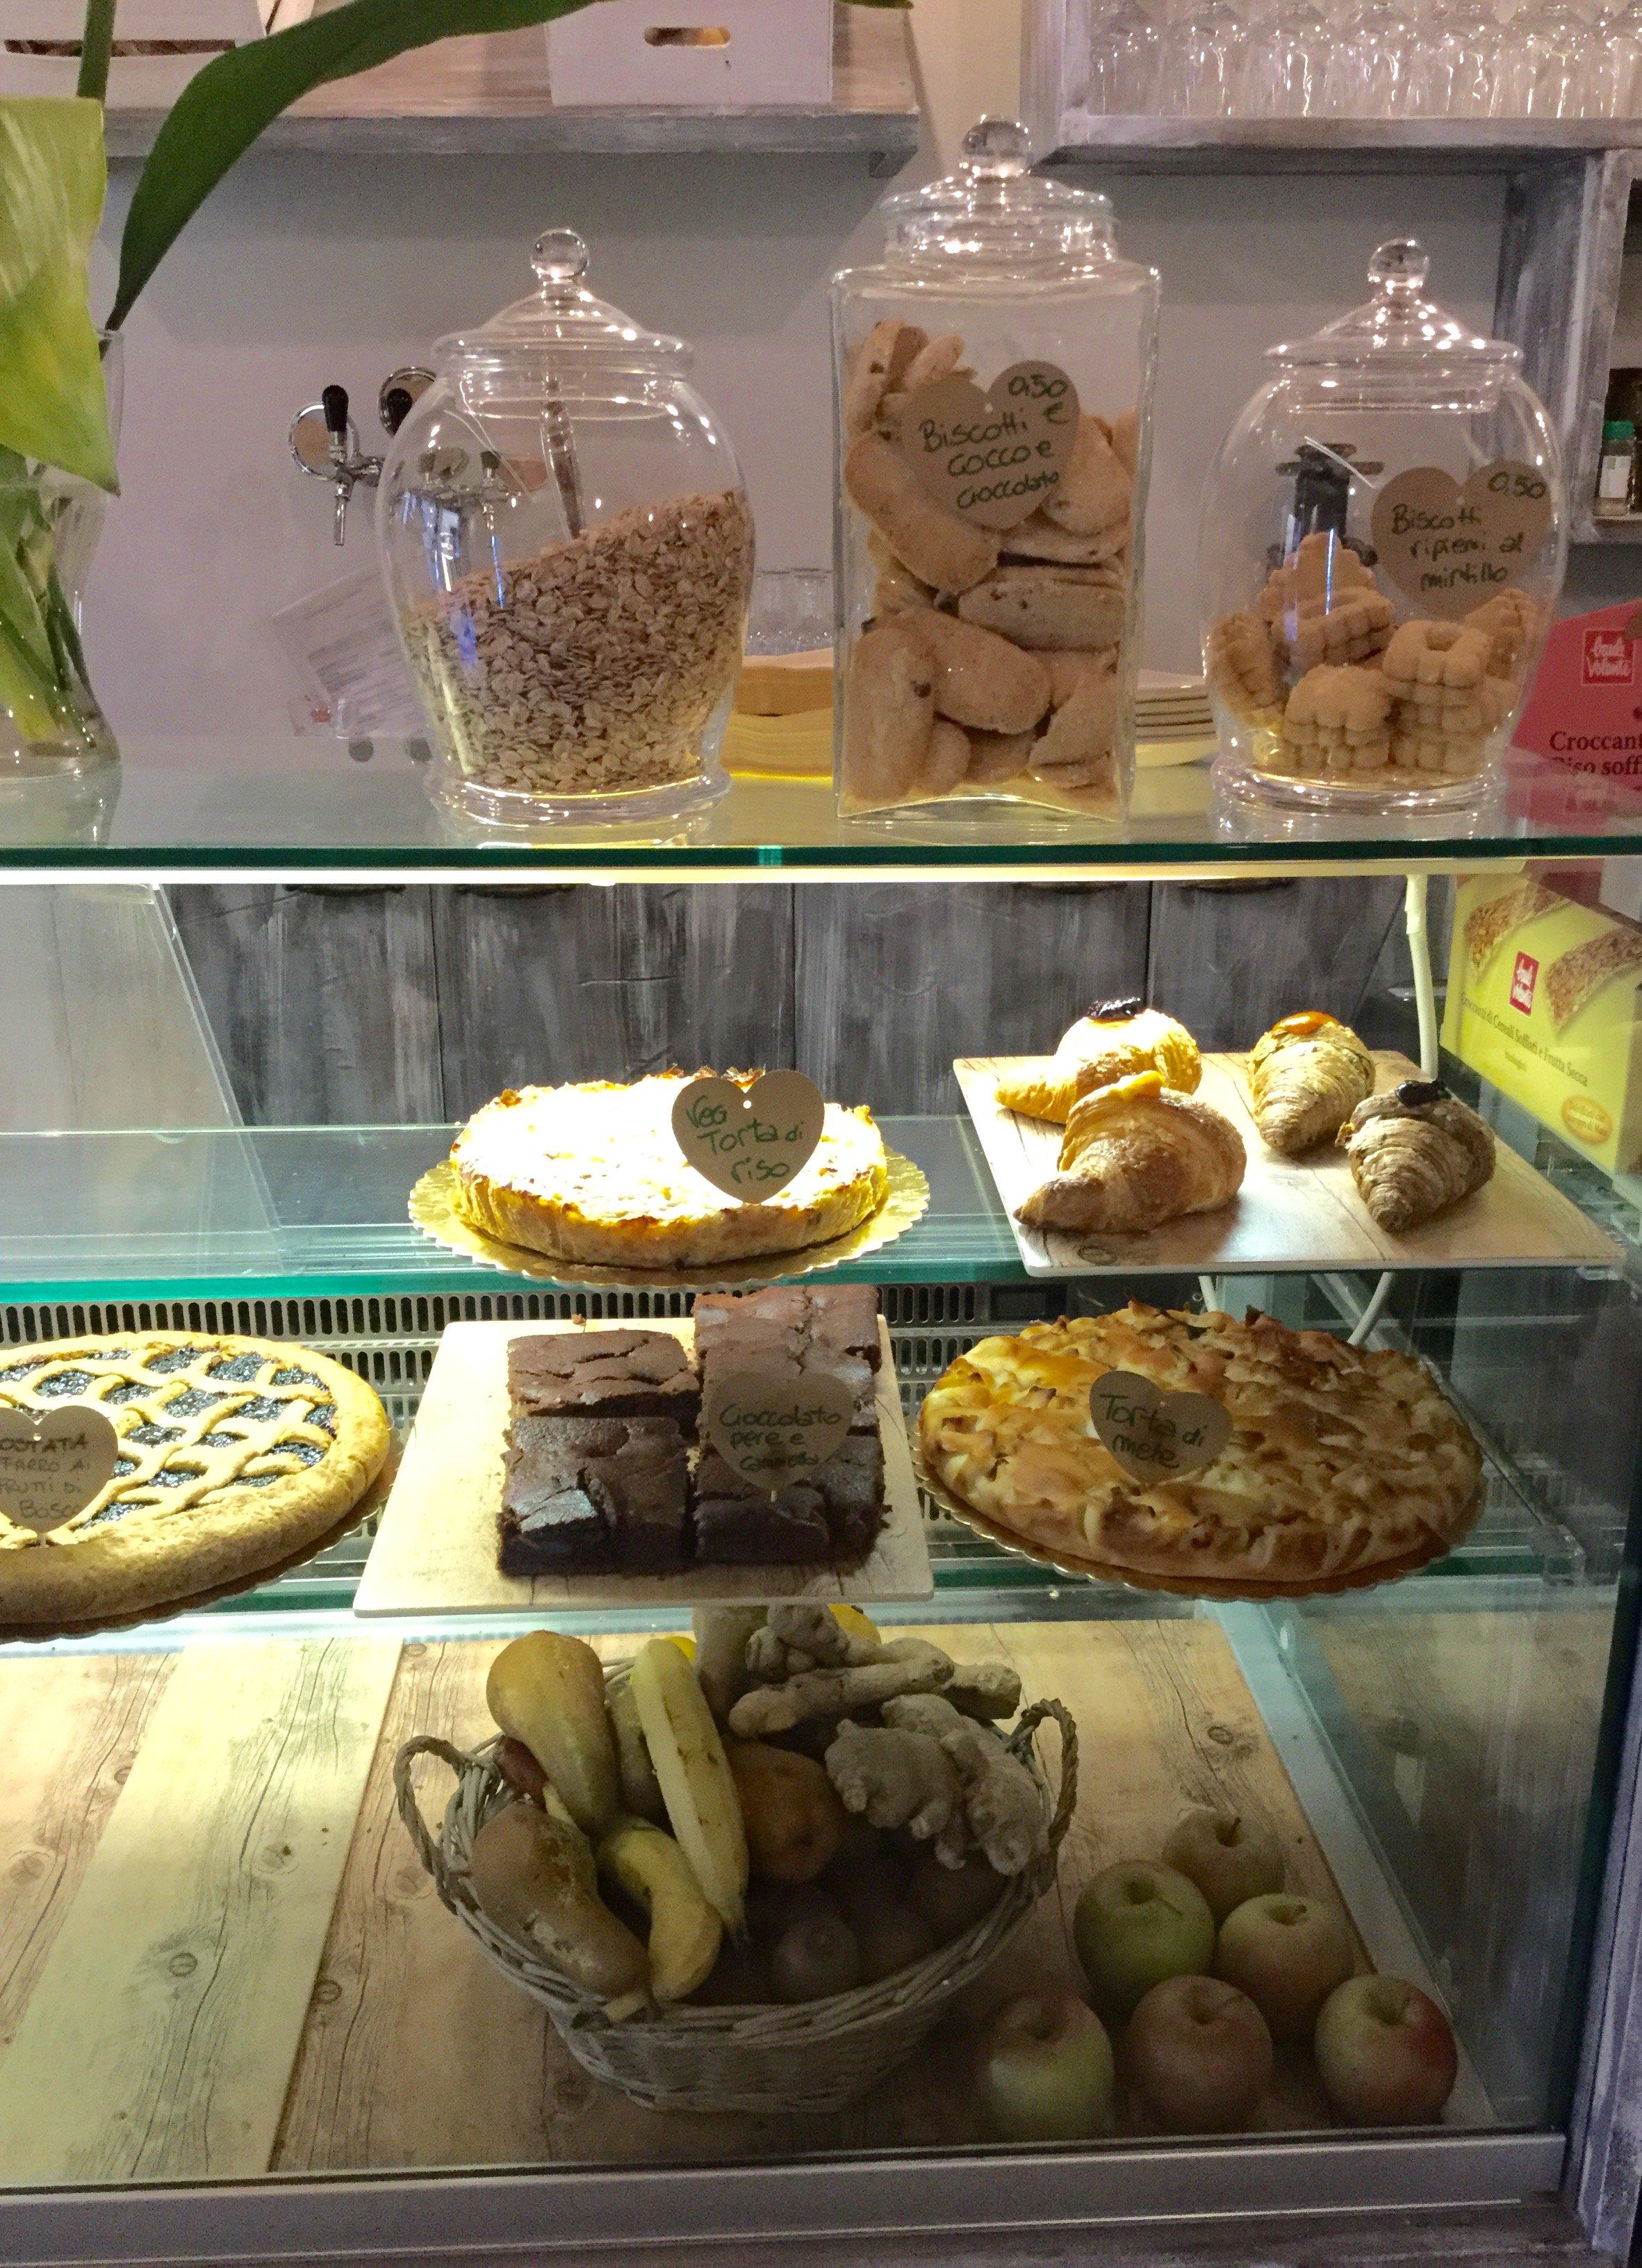 bancone con torte e biscotti